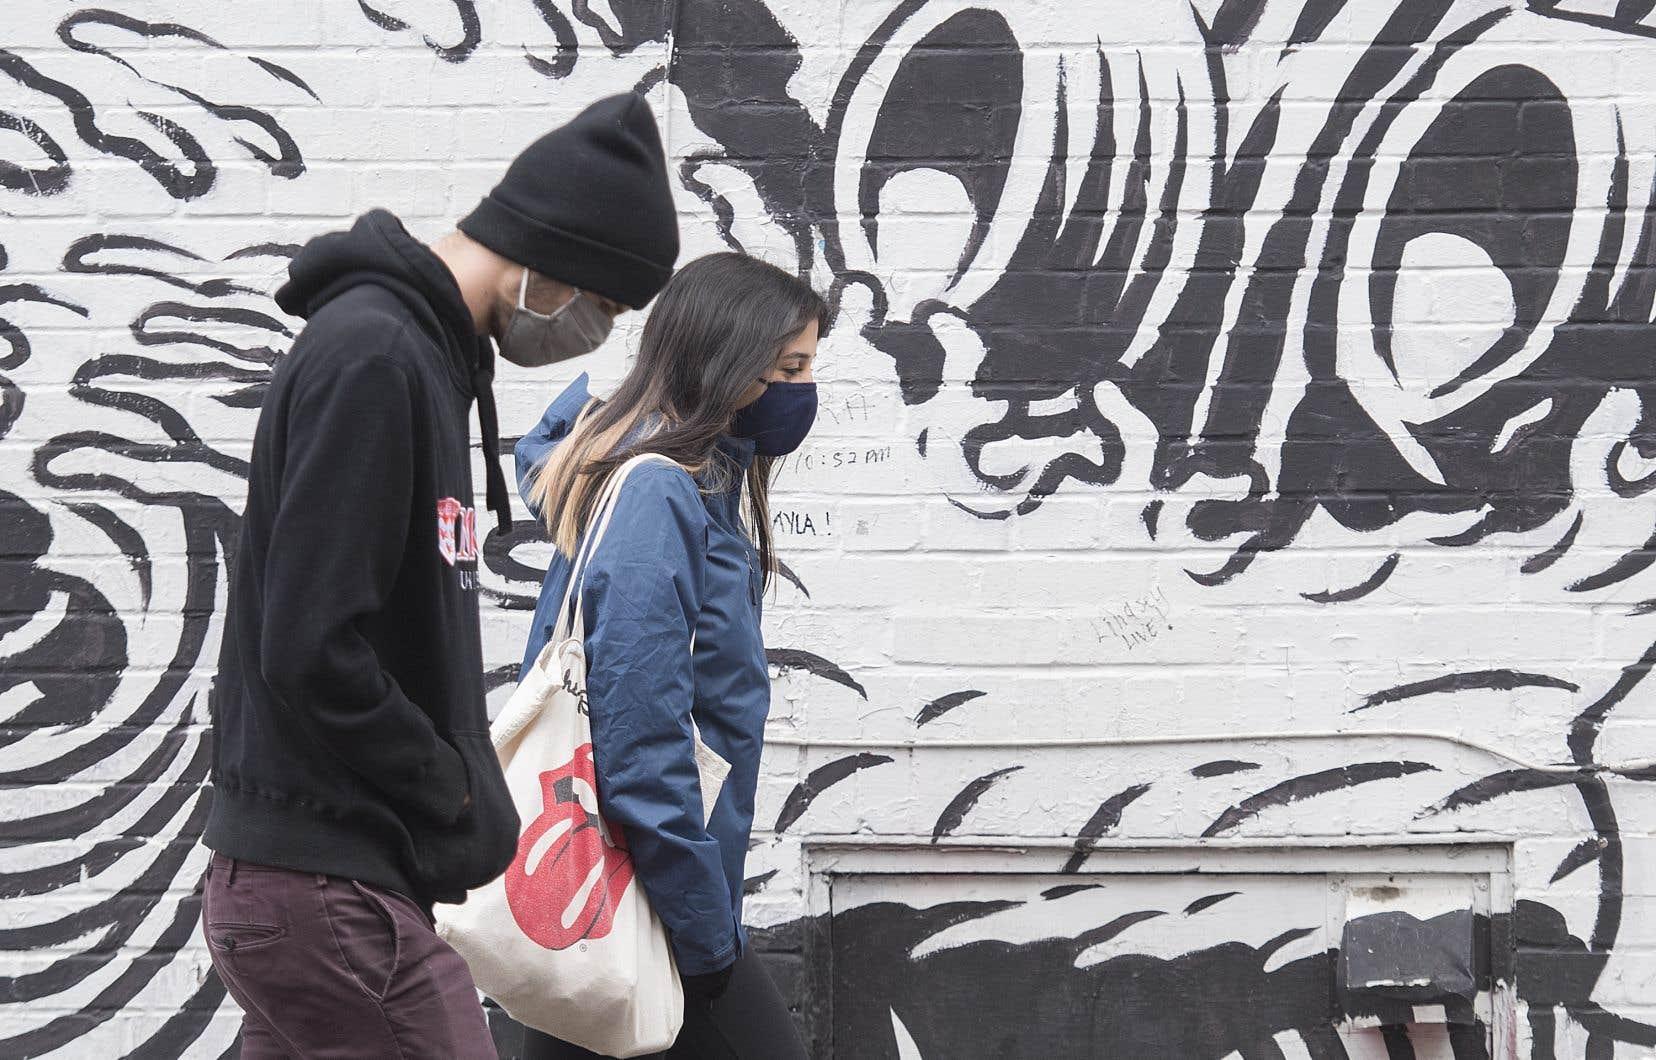 «46% des Montréalais âgés de 18 à 24ans affirment ressentir des symptômes d'anxiété et de dépression, tout comme les jeunes à l'extérieur de Montréal sans doute», écrit l'auteur.